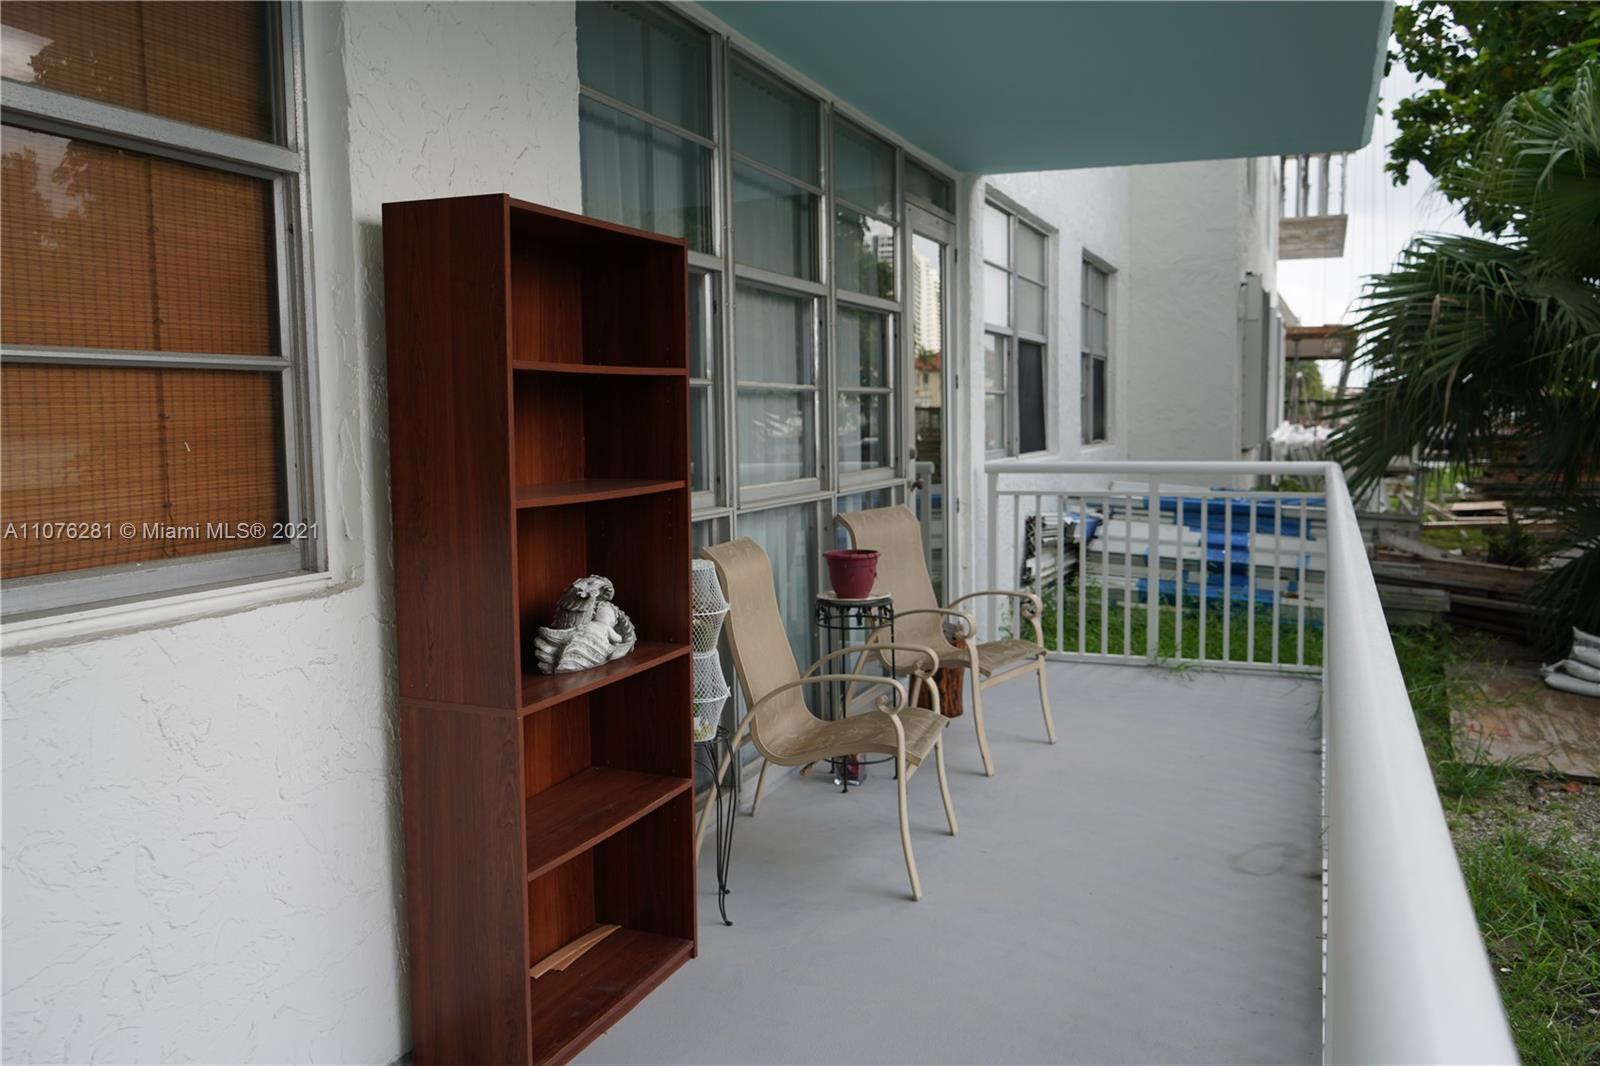 Winston Tower 500 #L02 - 301 174th St #L02, Sunny Isles Beach, FL 33160